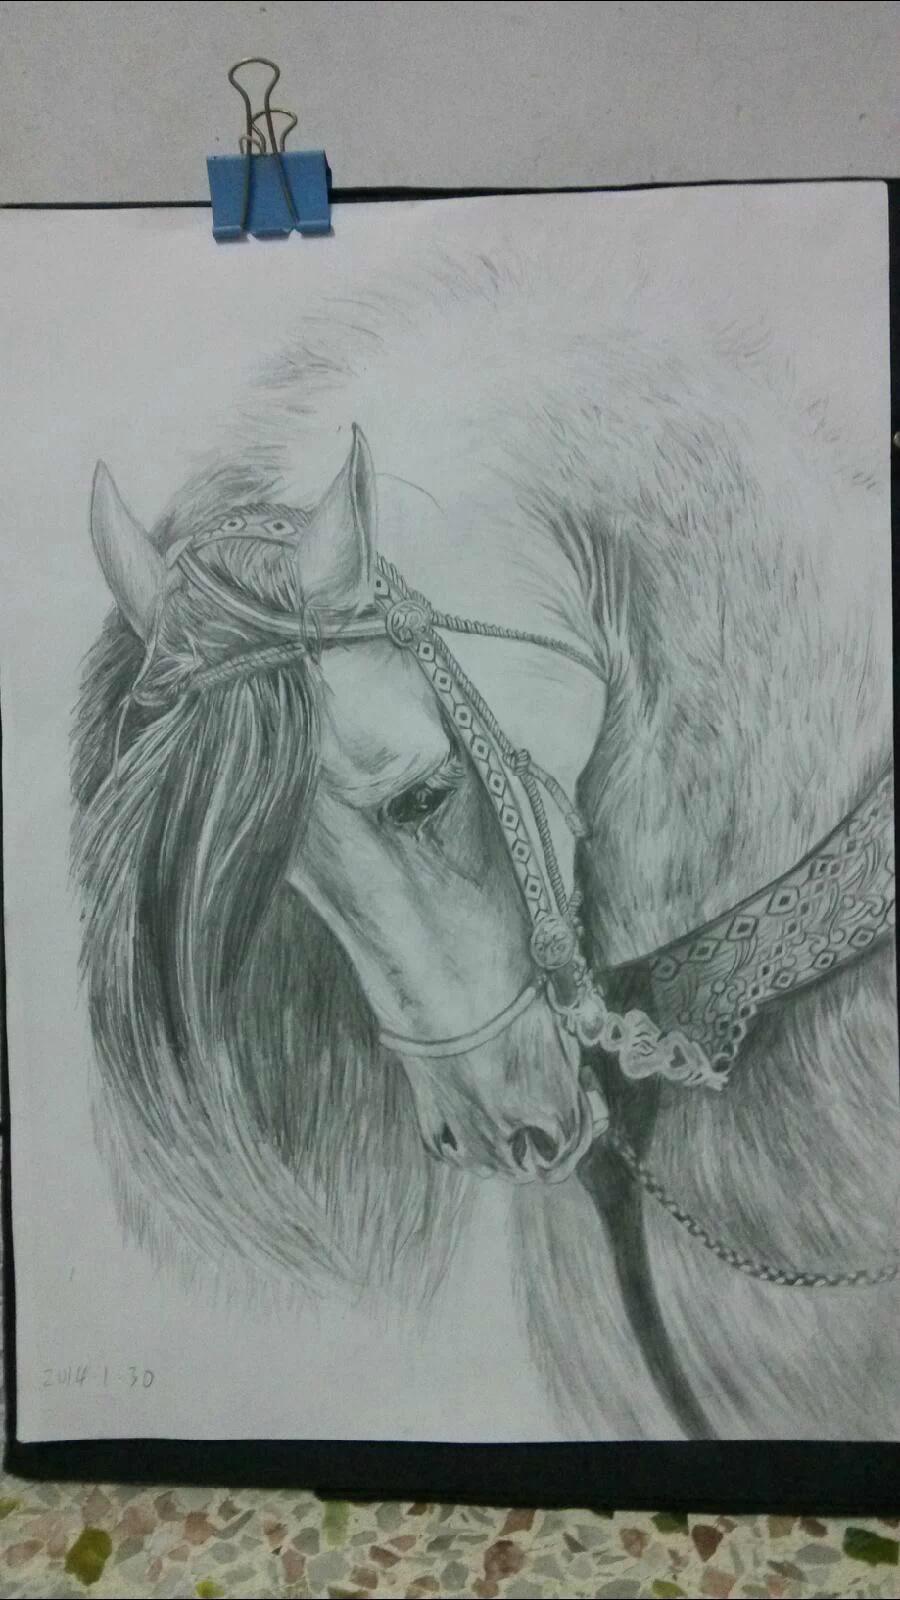 圆珠笔画,青青的草原上,望不到边际,远处的天空里白云朵朵,一匹棕色马